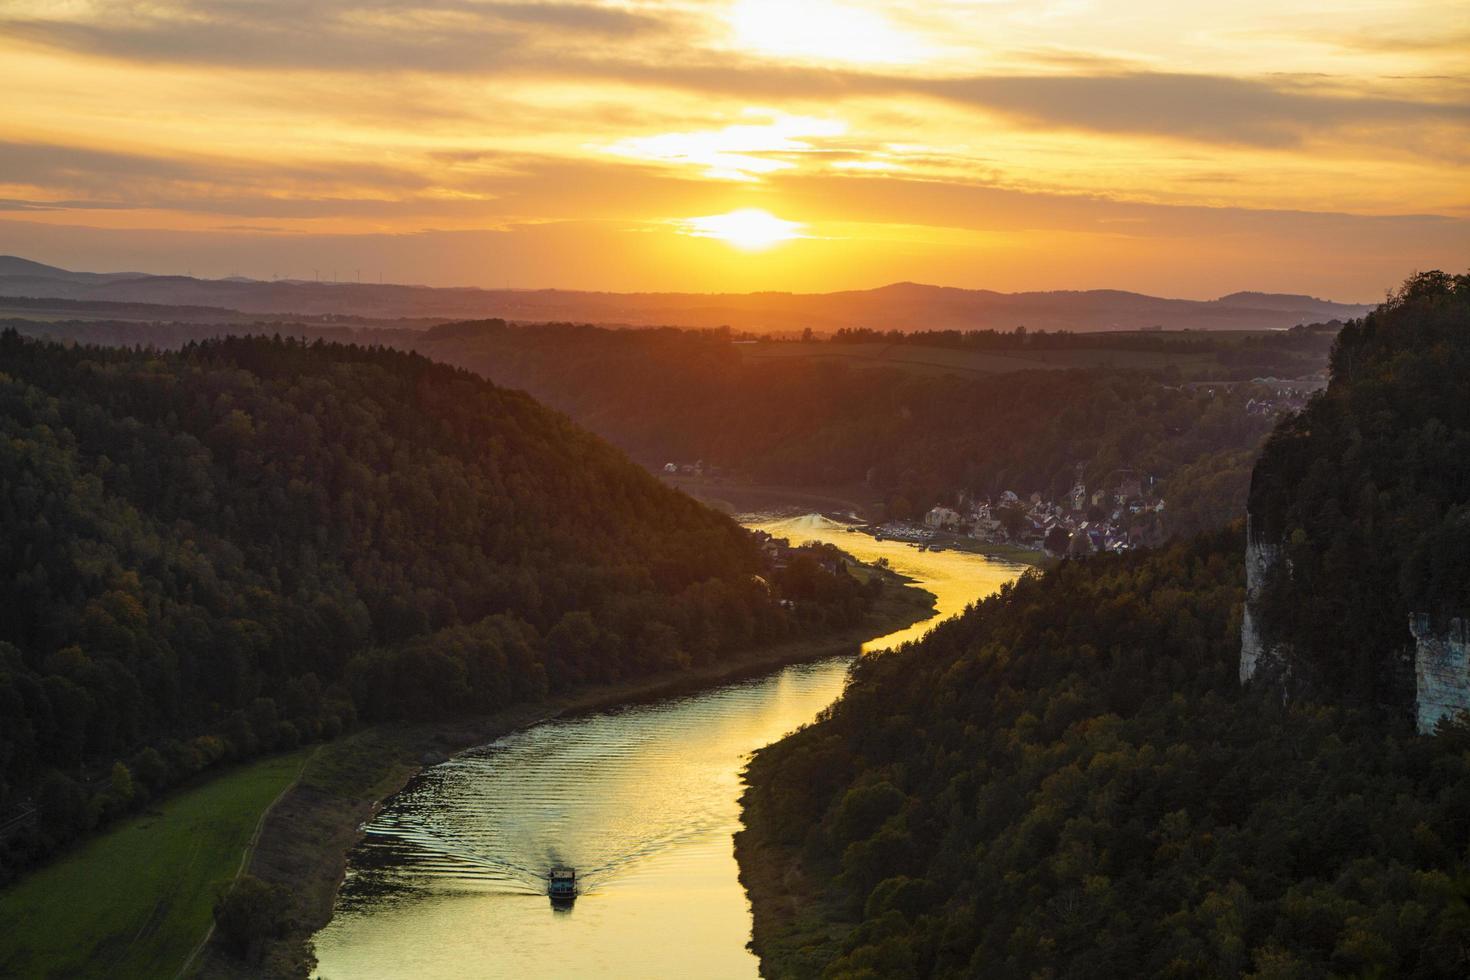 bateau descendant la rivière au coucher du soleil. photo